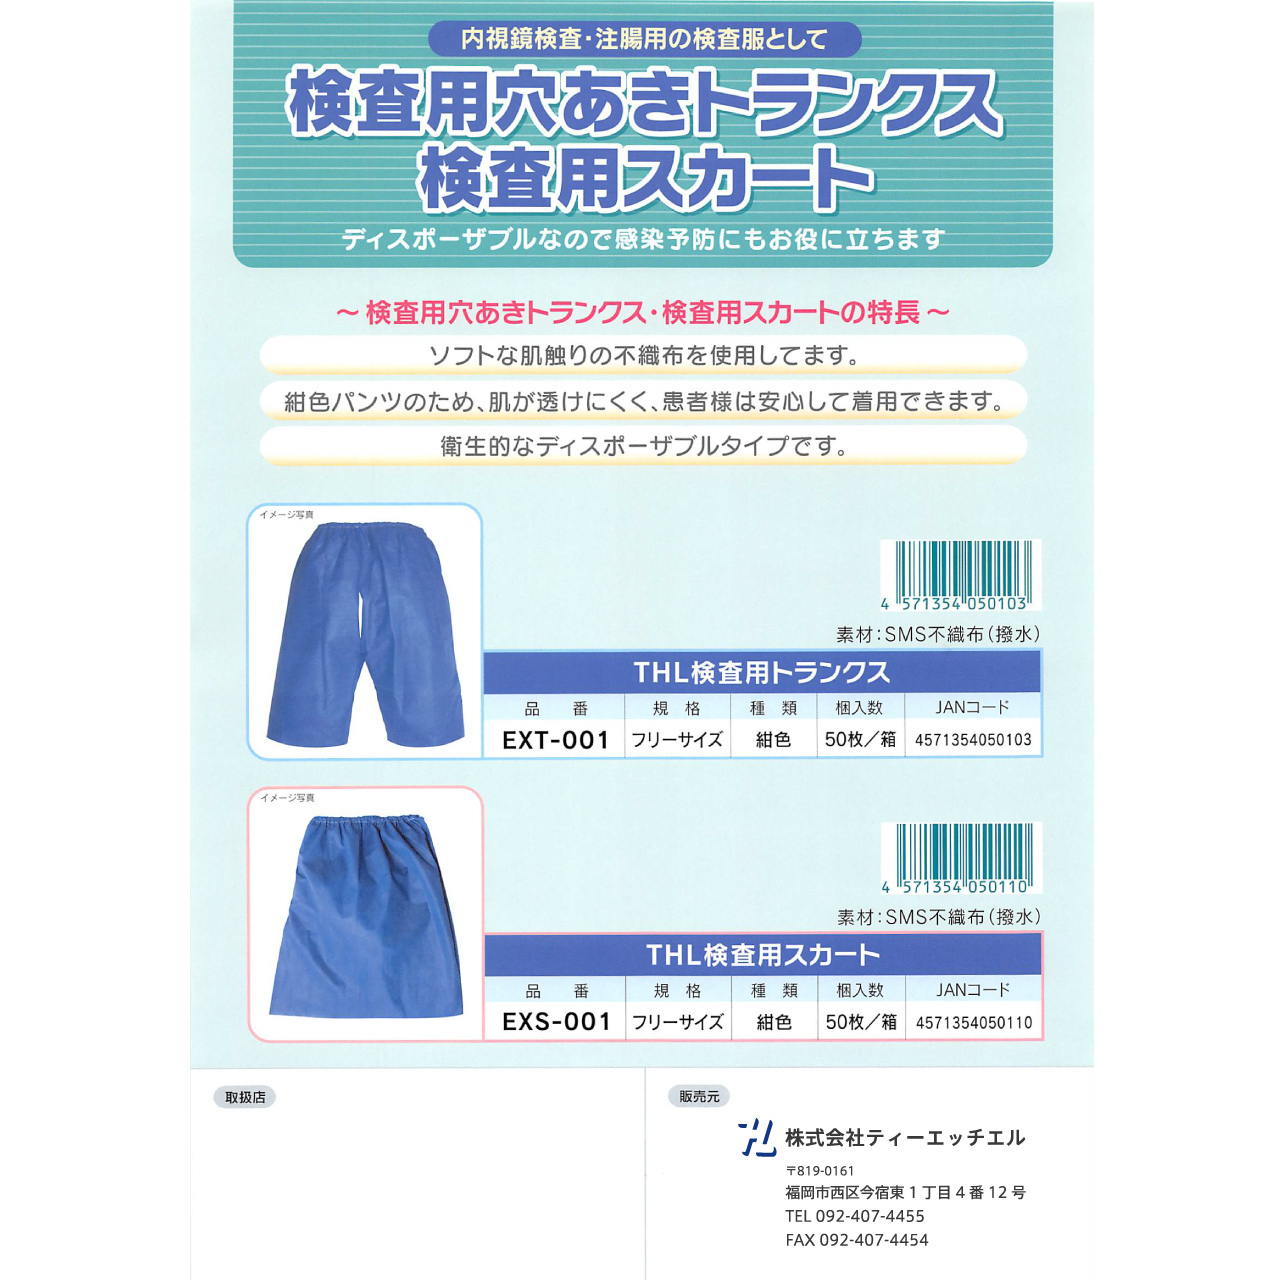 THL検査用トランクス・スカート